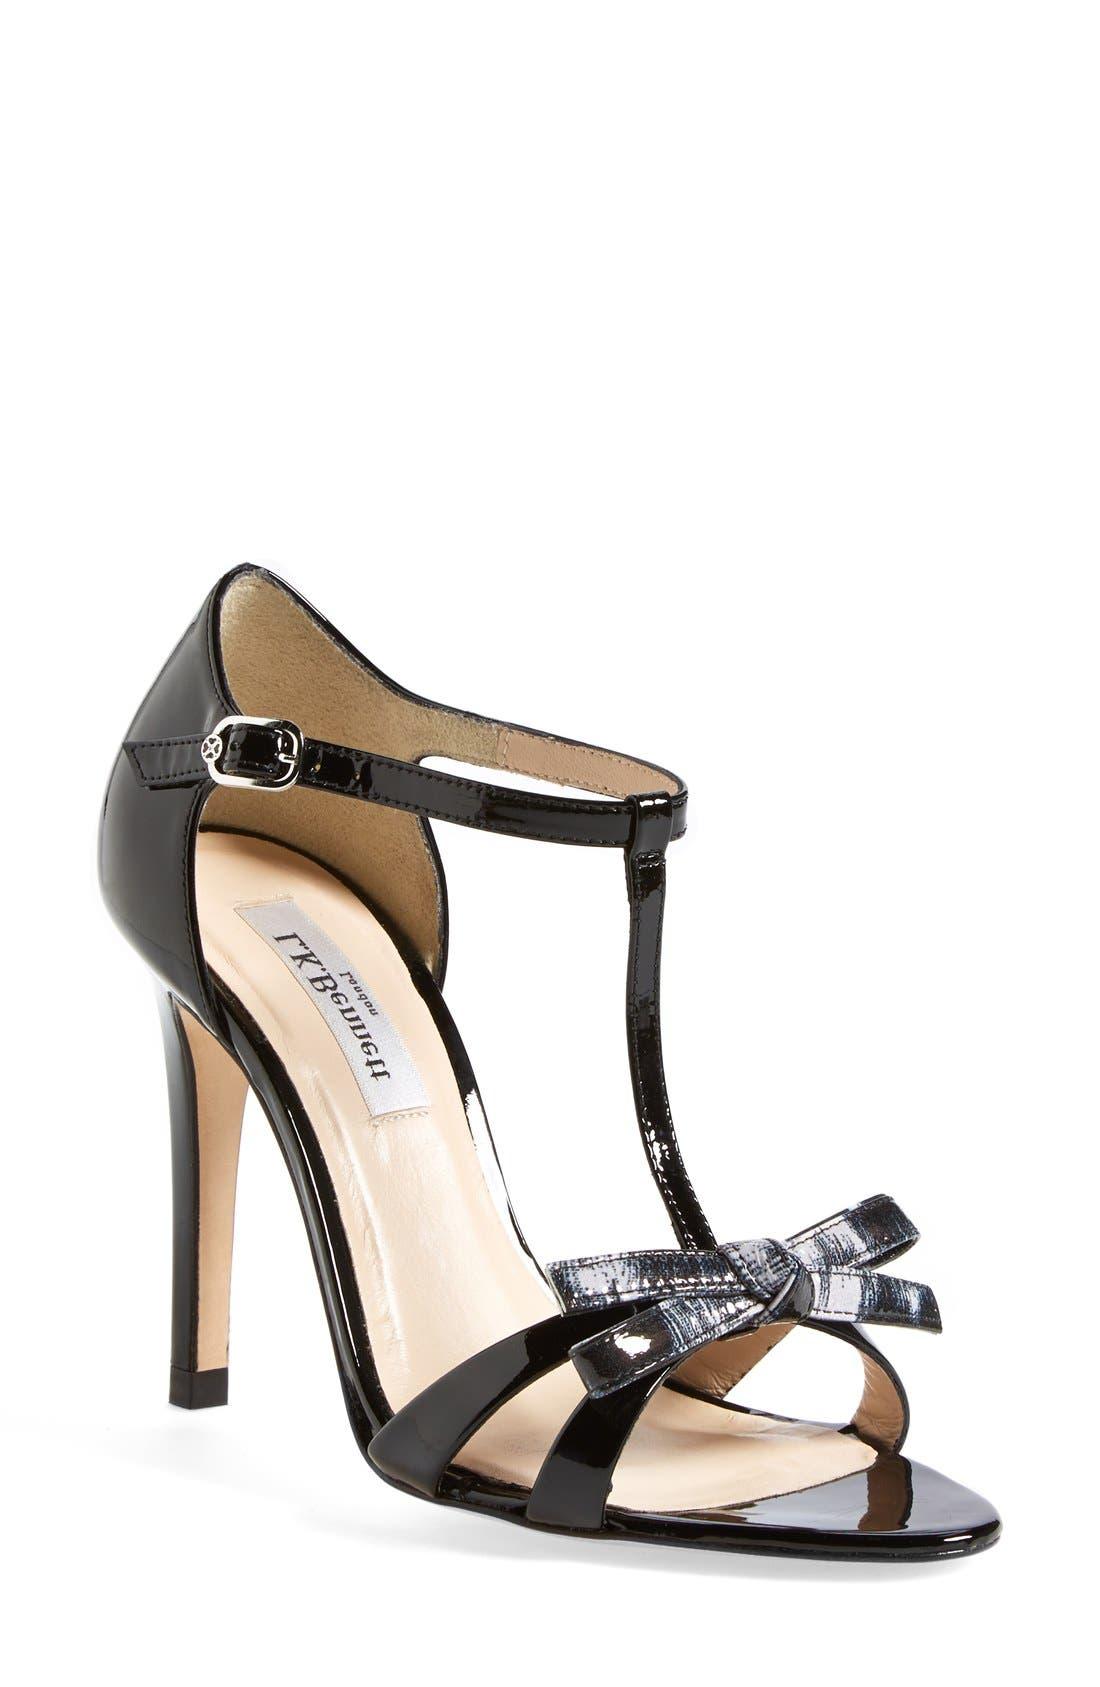 Main Image - L.K. Bennett 'Anya' T-Strap Leather Sandal (Women)